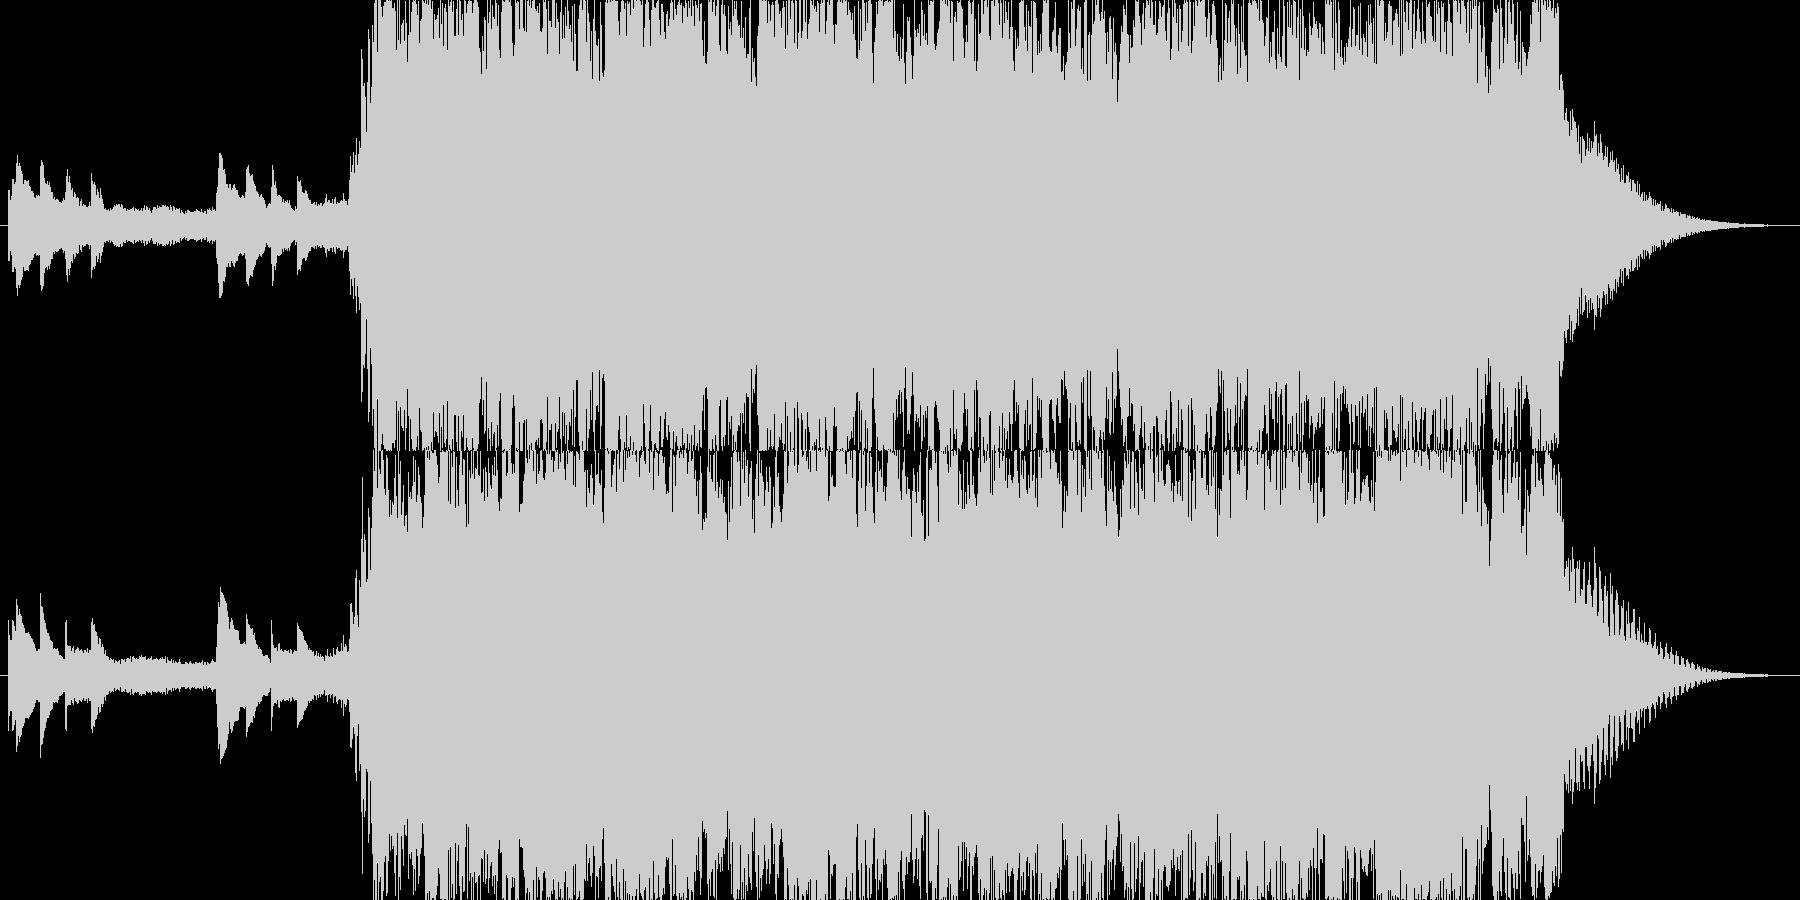 ロマンチックな印象のジングルギターソロ有の未再生の波形